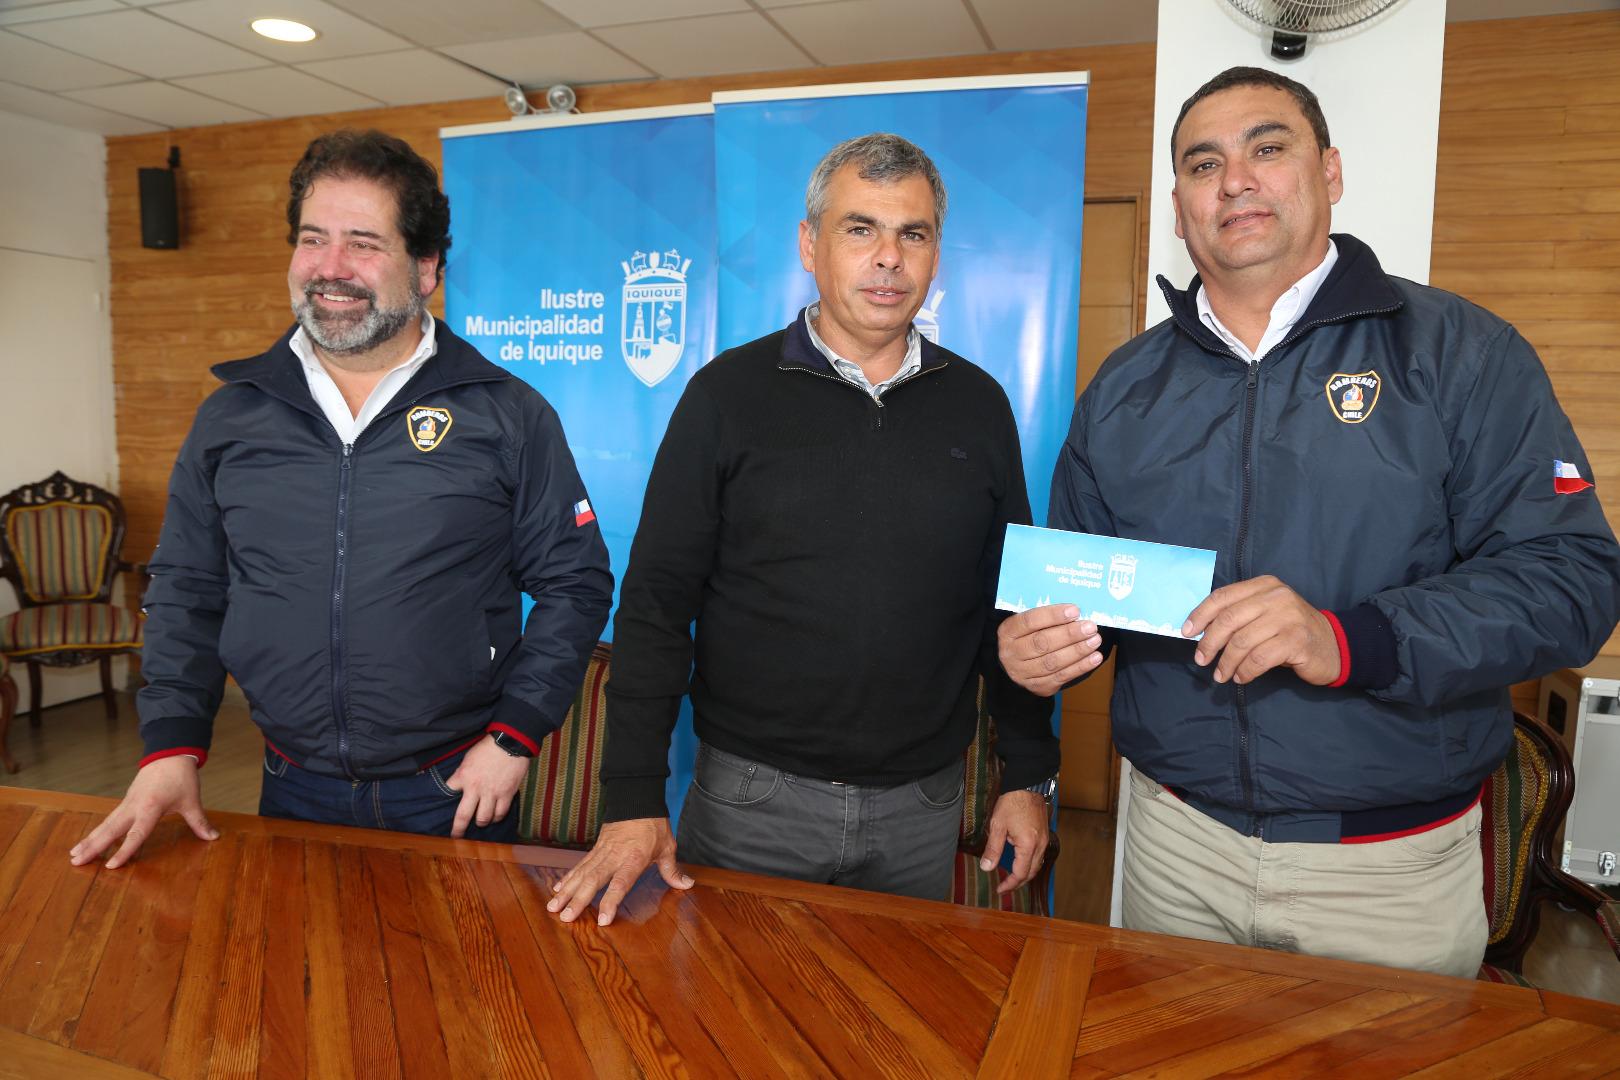 (IMÁGENES DE ARCHIVO) Concejo Municipal aprueba propuesta de alcalde Soria Macchiavello sobre entrega de subvención para el Cuerpo de Bomberos de Iquique